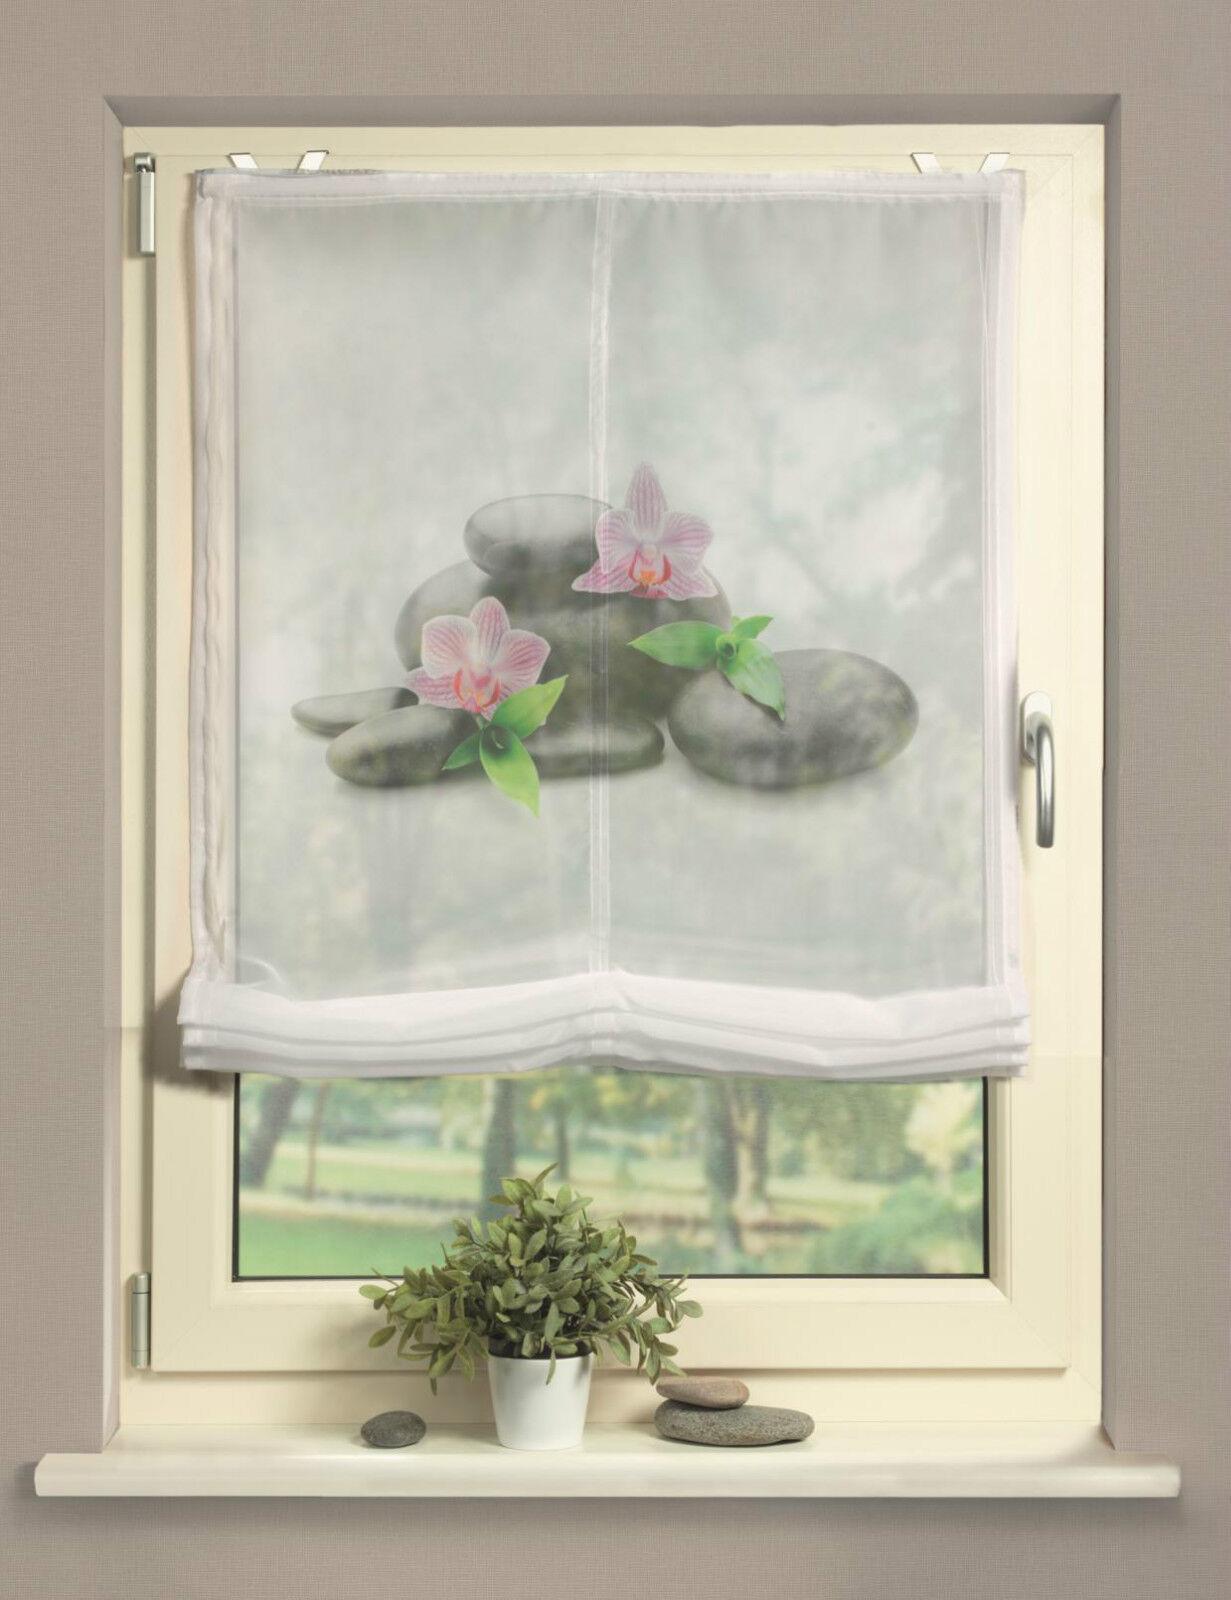 digitaldruck raffrollo bxh 45x140cm santander bedrucktes rollo steine easyfix ebay. Black Bedroom Furniture Sets. Home Design Ideas